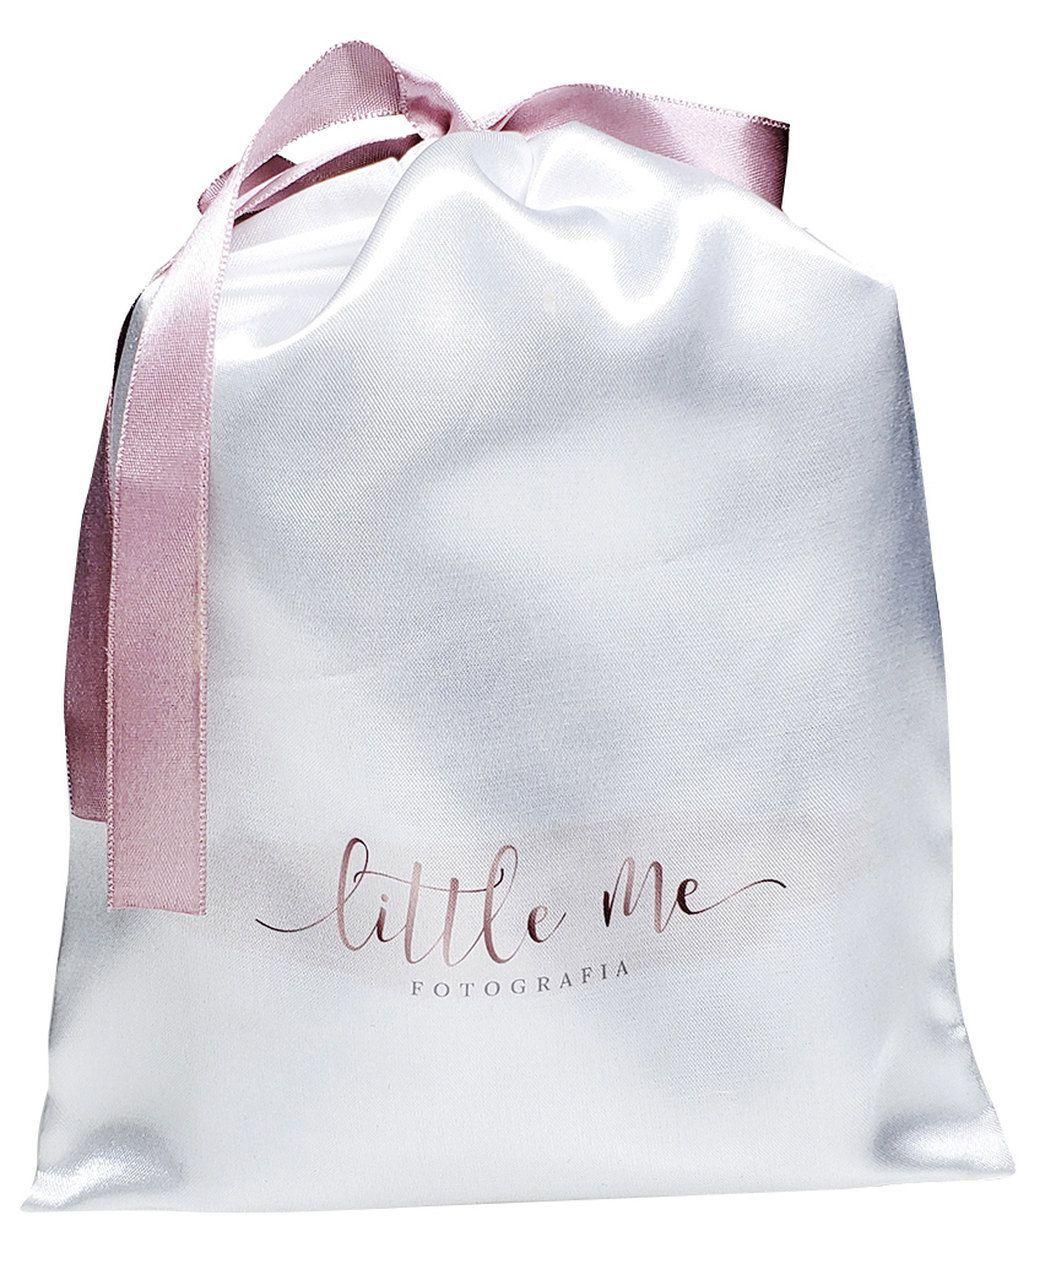 Saquinho de Cetim Personalizado para camiseta - 25 x 35  - impressão colorida - Linha Classic  2473  - Litex Embalagens